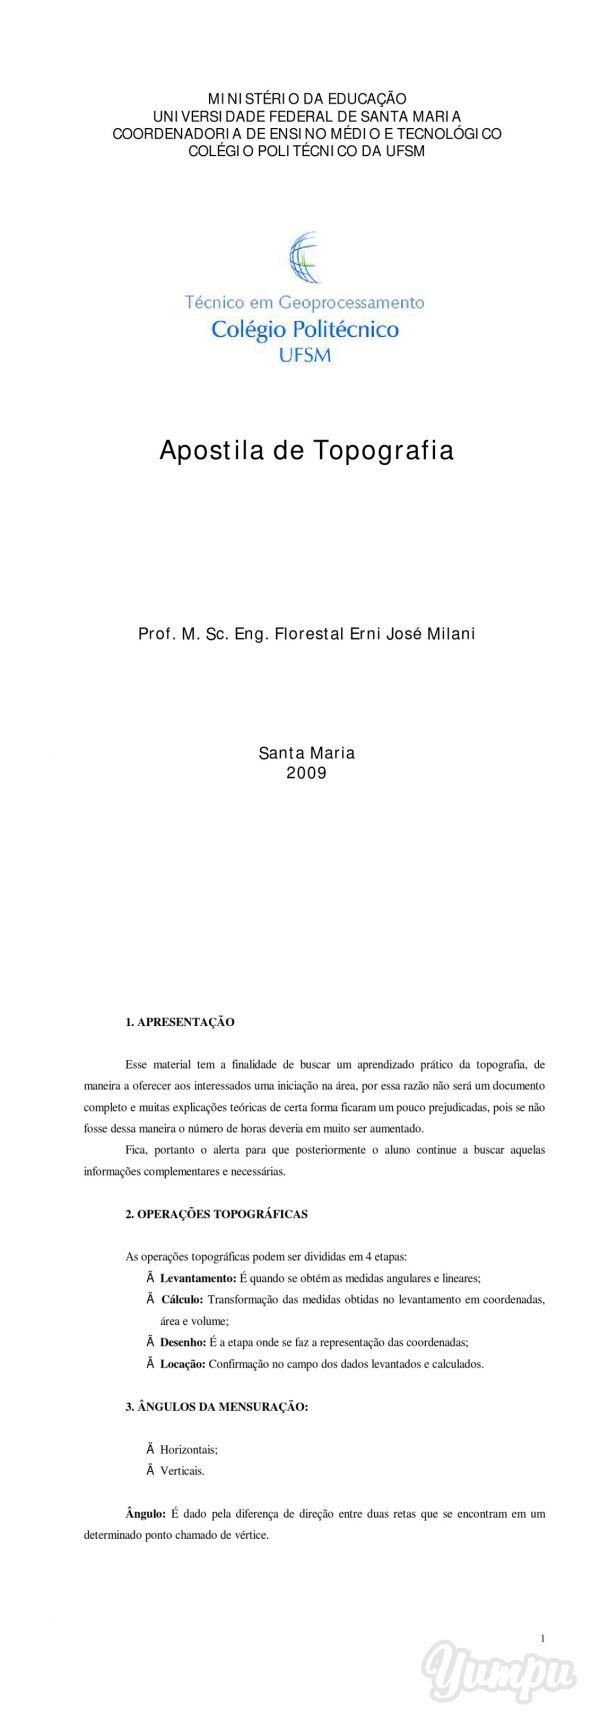 Apostila de Topografia - Colégio Politécnico da UFSM